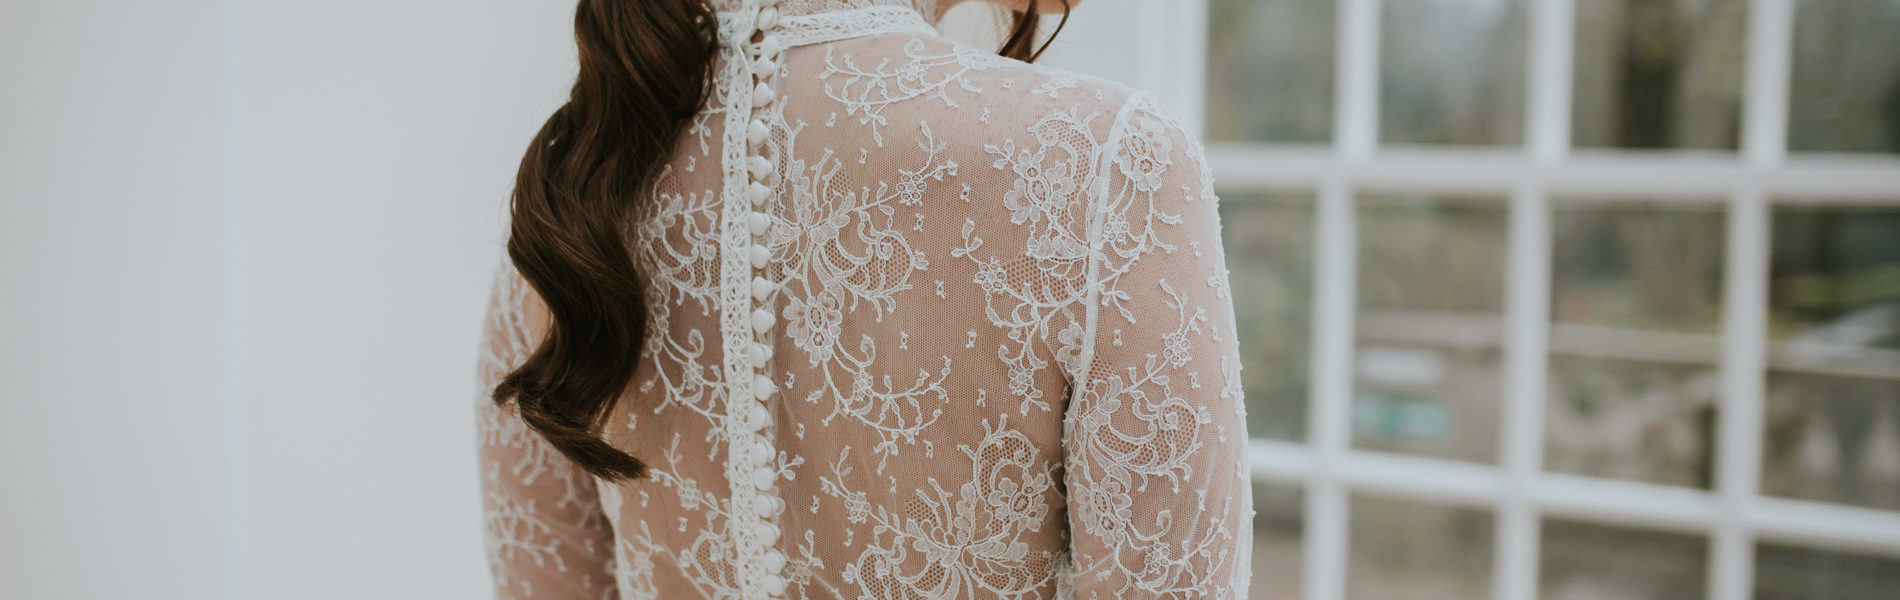 Bela Top Lisa Lyons Bridal Spirit collection